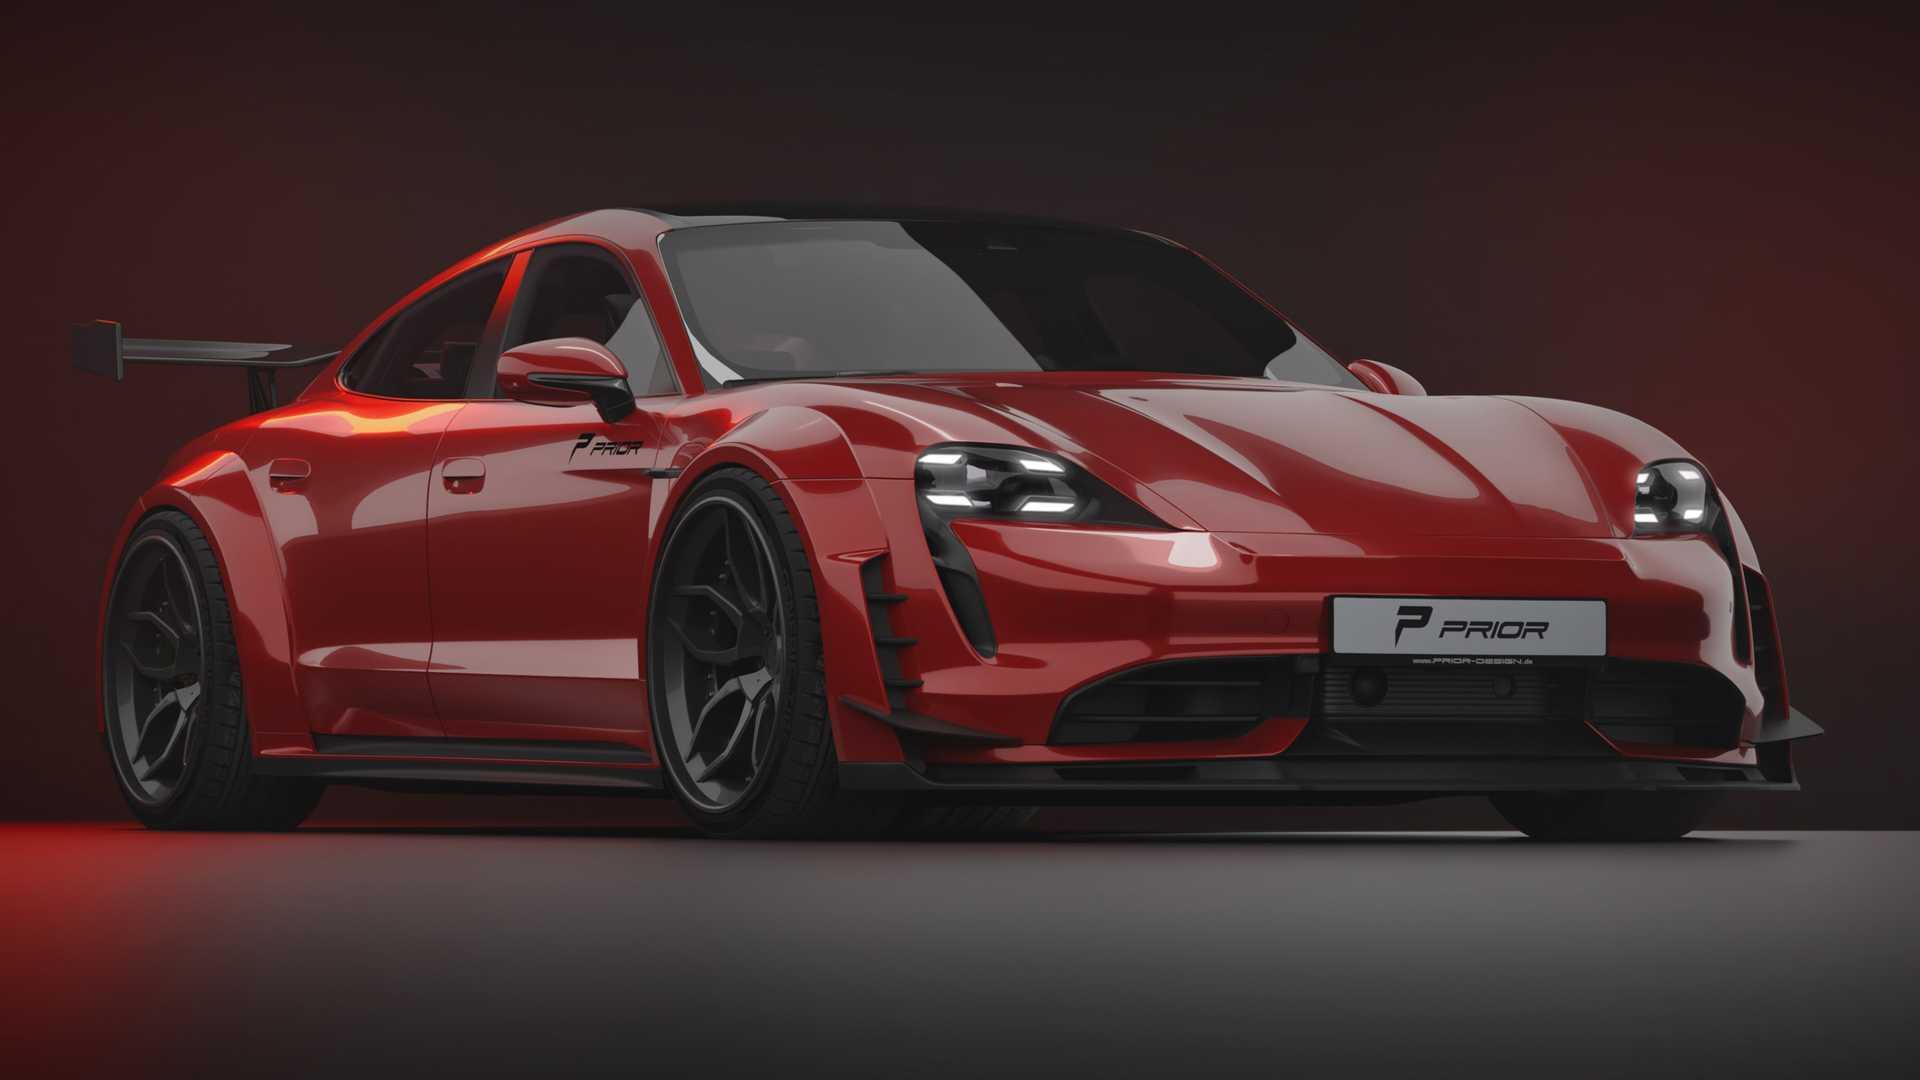 Porsche Taycan Gets Wild Widebody Kit From Prior Design